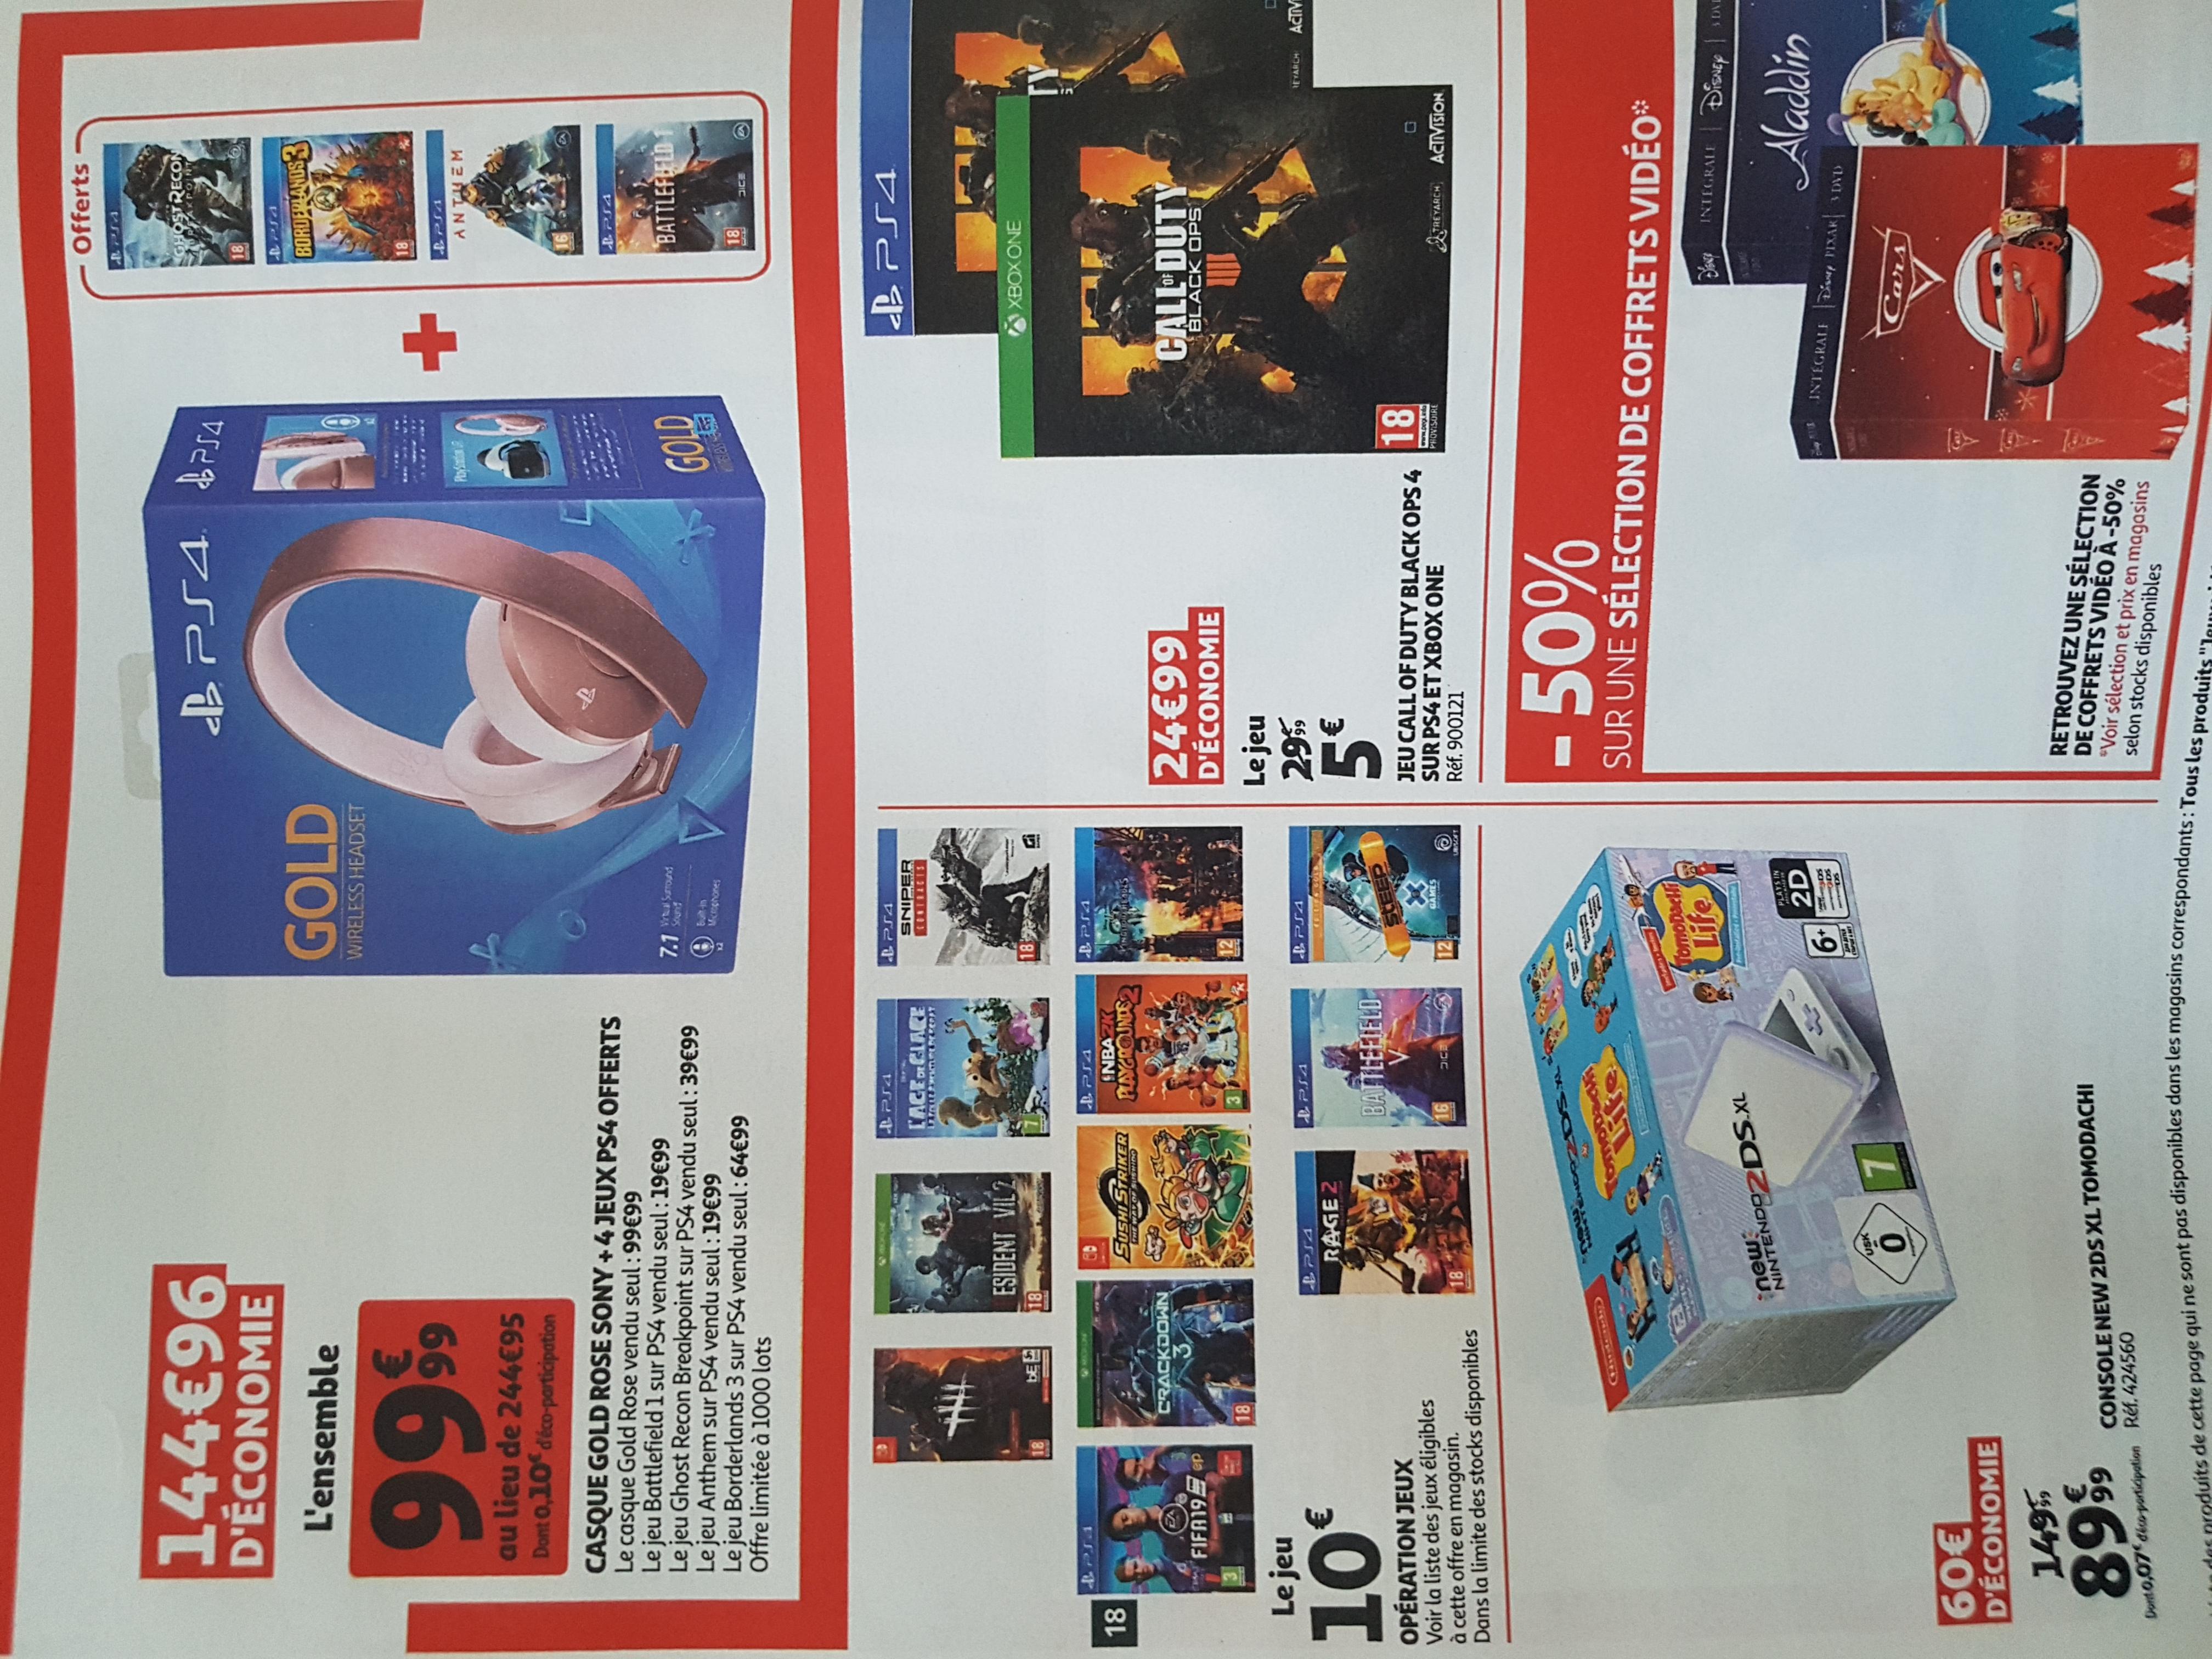 Bon Plan Auchan Offres Des Soldes D Ete 2020 En Jeux Video